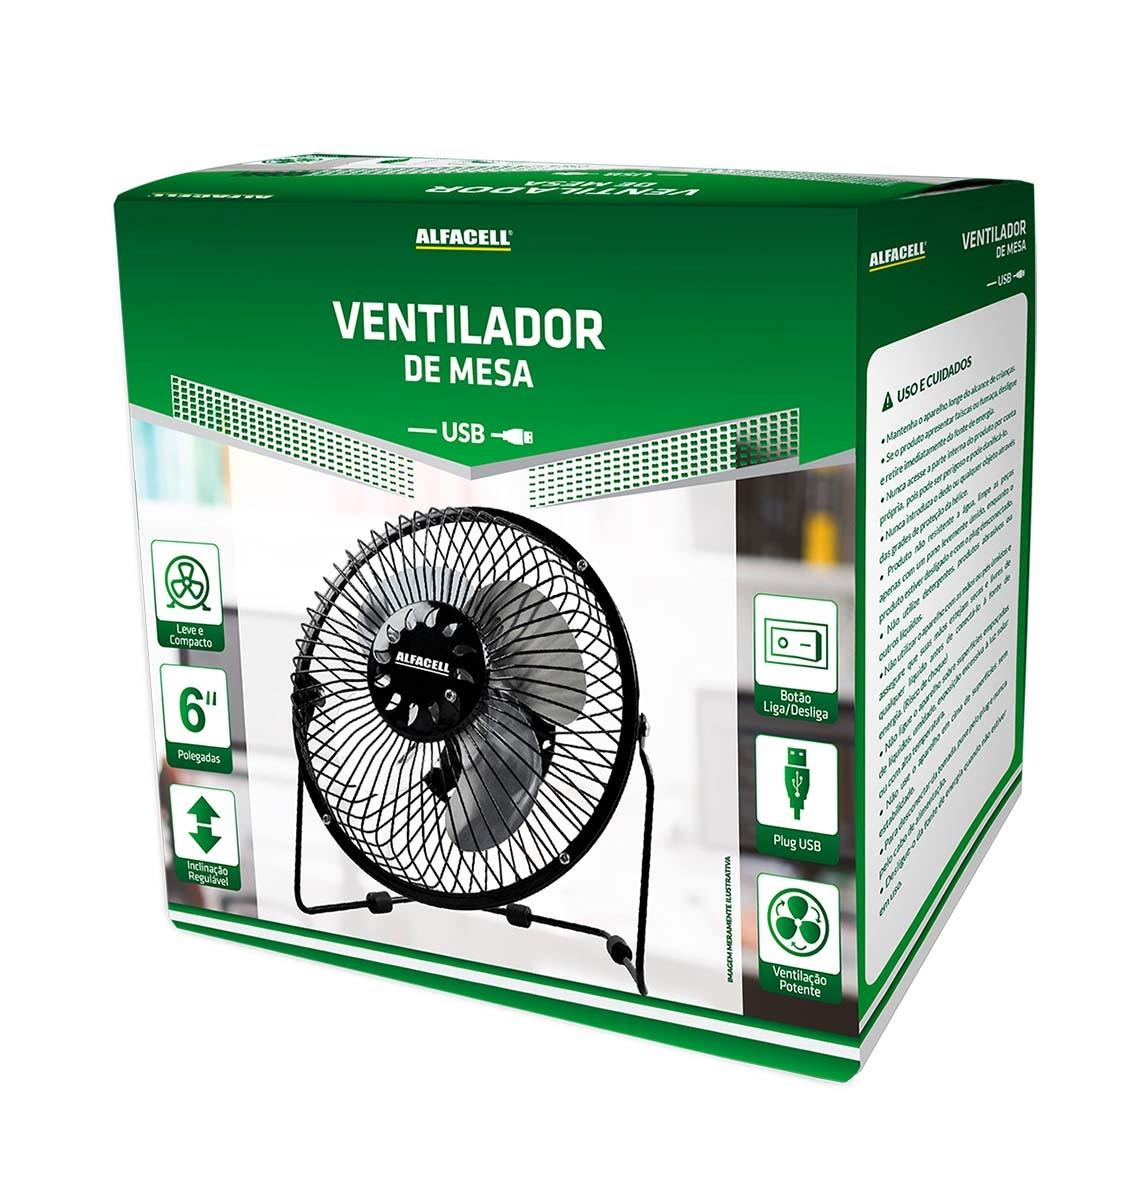 Mini Ventilador De Mesa Usb Alfacell -  Preto - AL12004